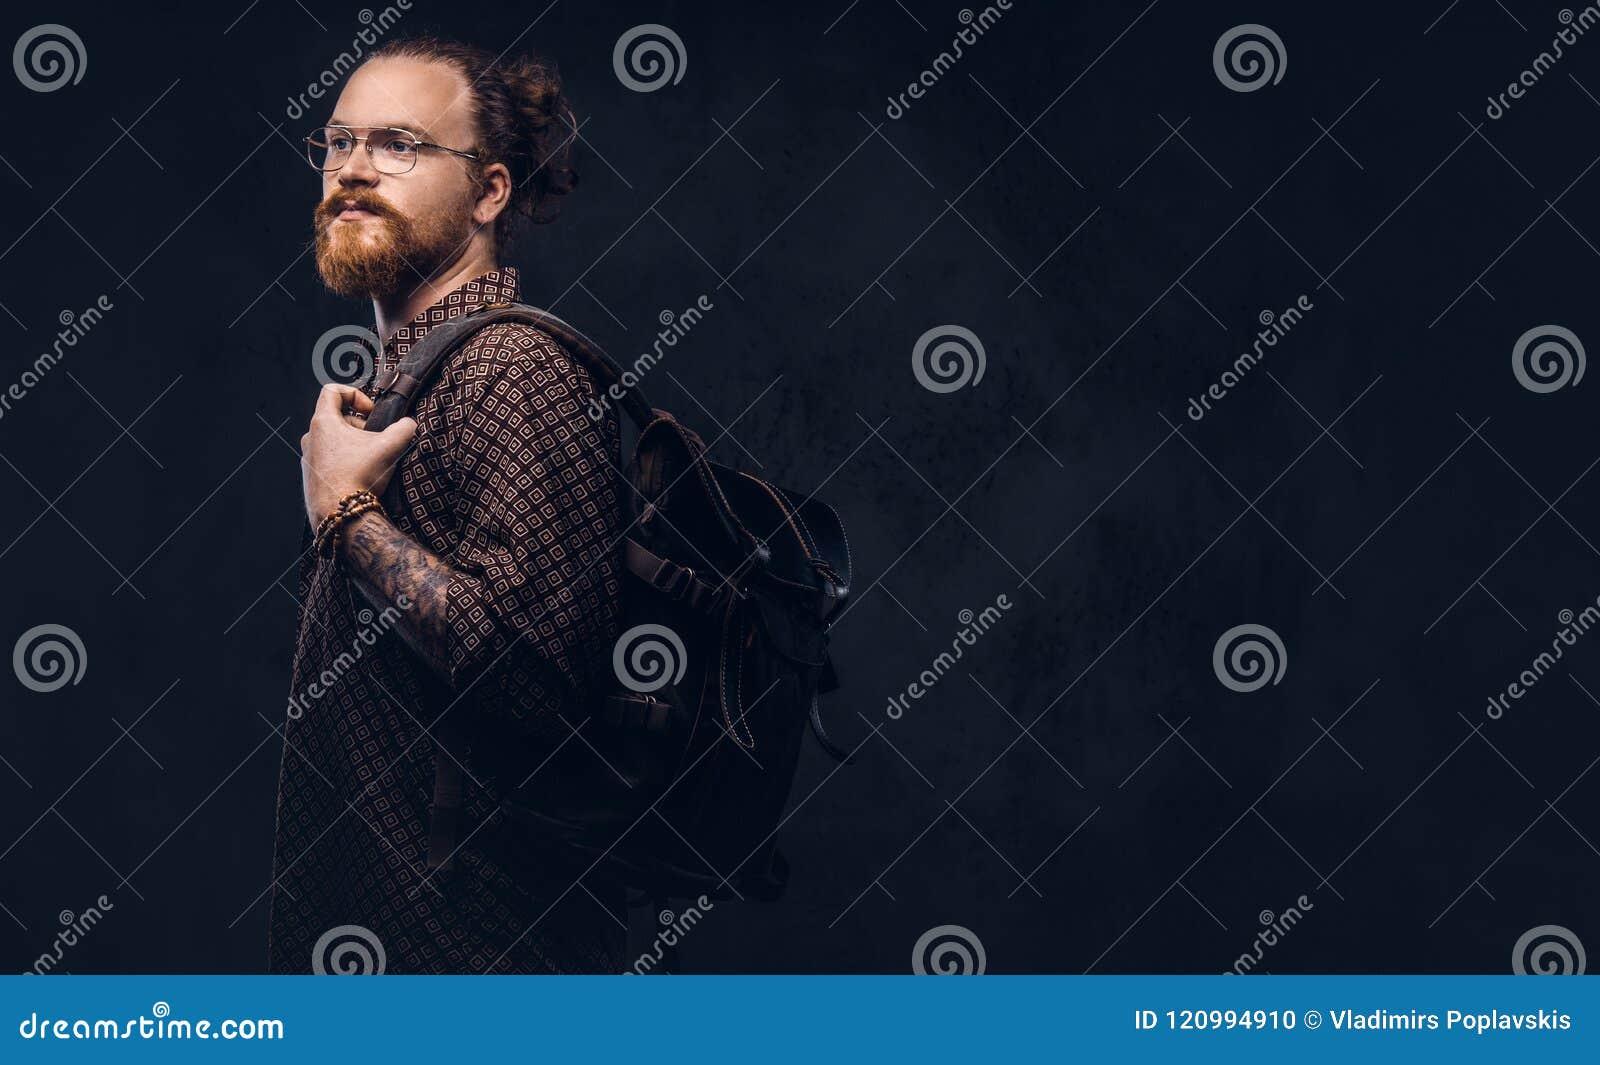 Retrato de um estudante do moderno do ruivo nos vidros vestidos em uma camisa marrom, posses uma trouxa, levantando em um estúdio